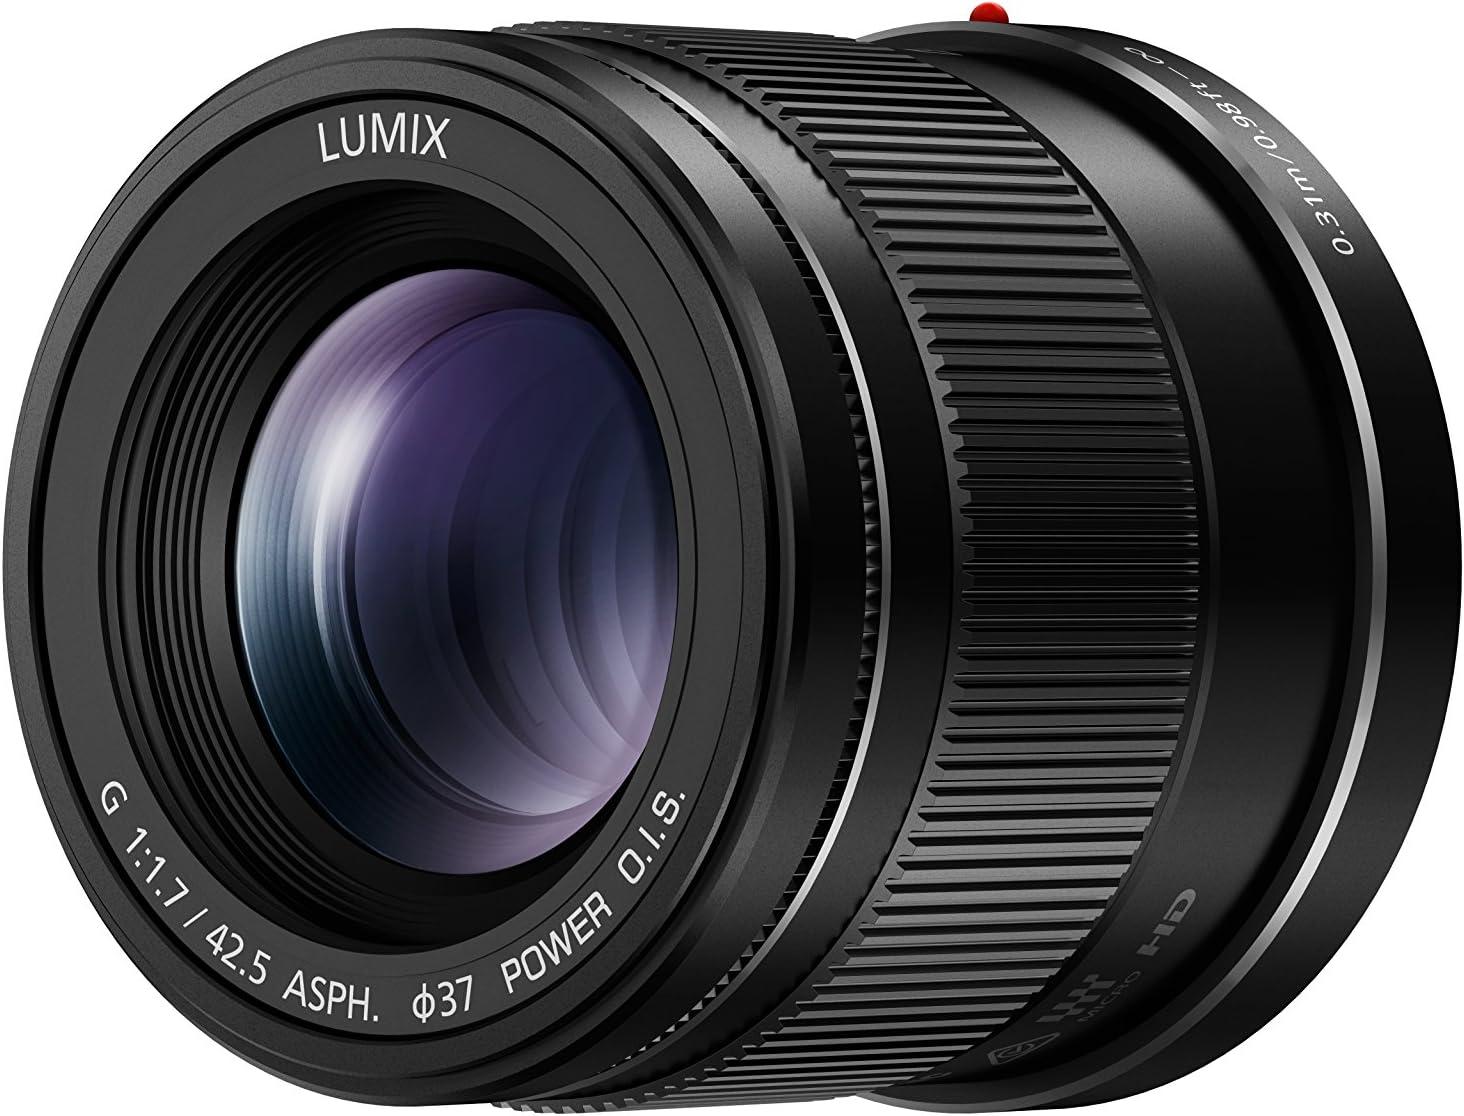 PANASONIC 25mm F1.7 ASPH Lumix G Black Garanzia 4 Anni FOWA